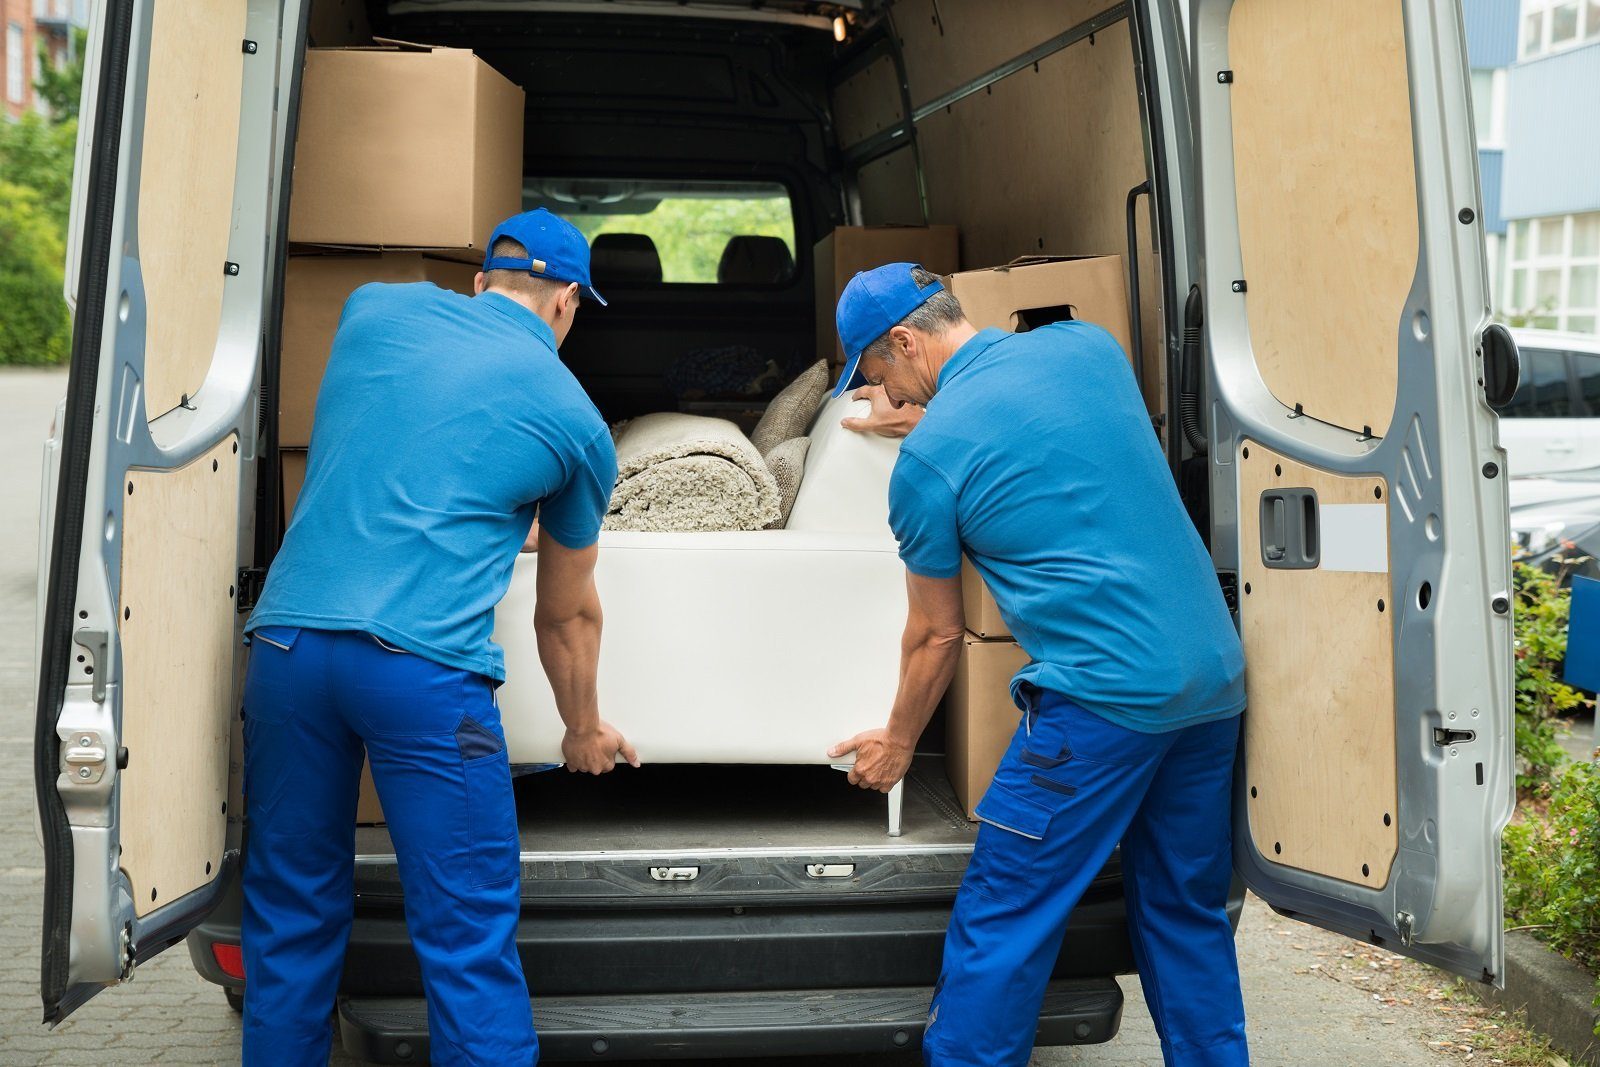 due uomini che caricano un divano su un furgone bianco